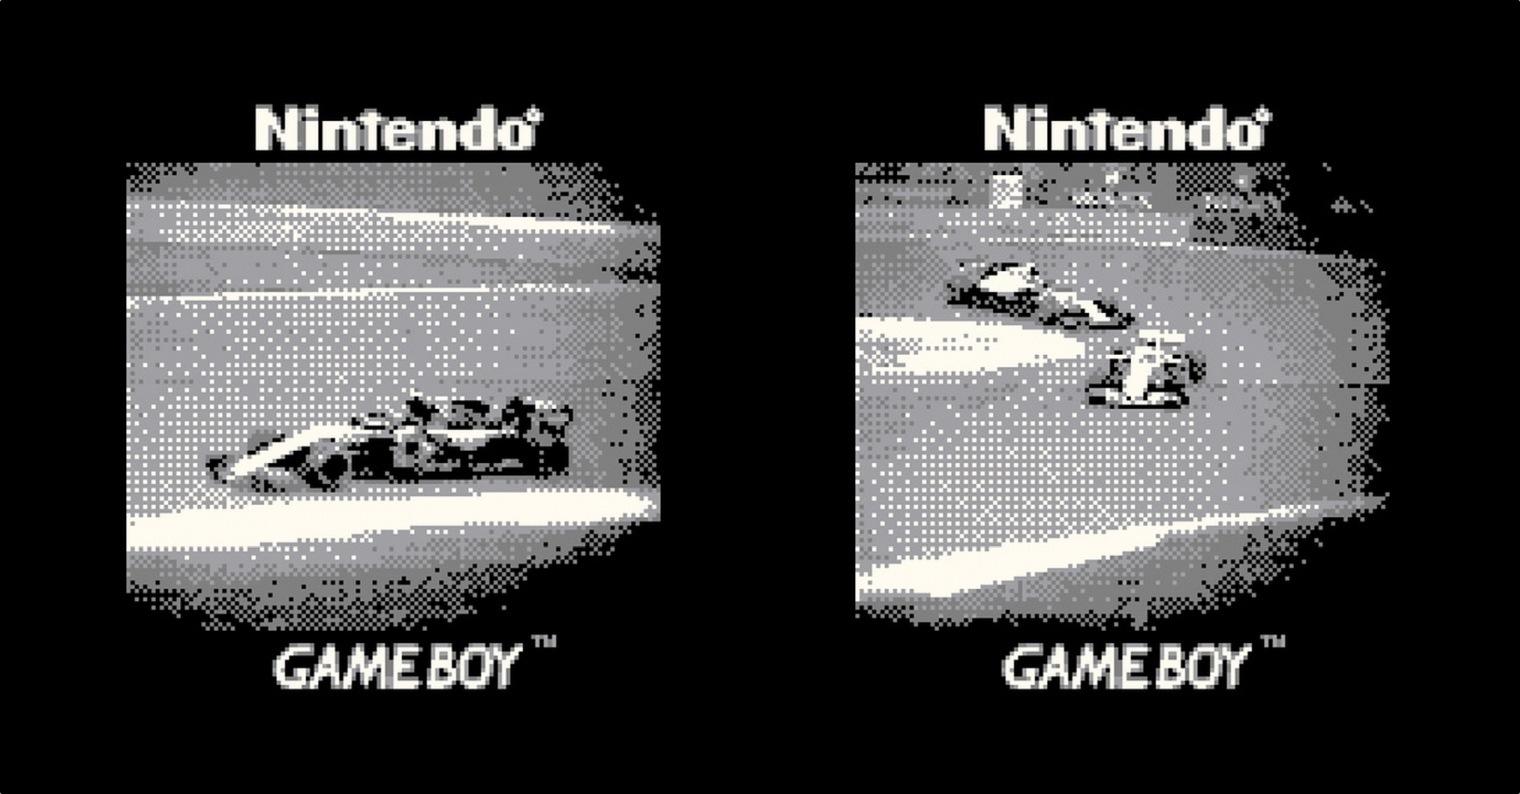 Gameboy F1 photo